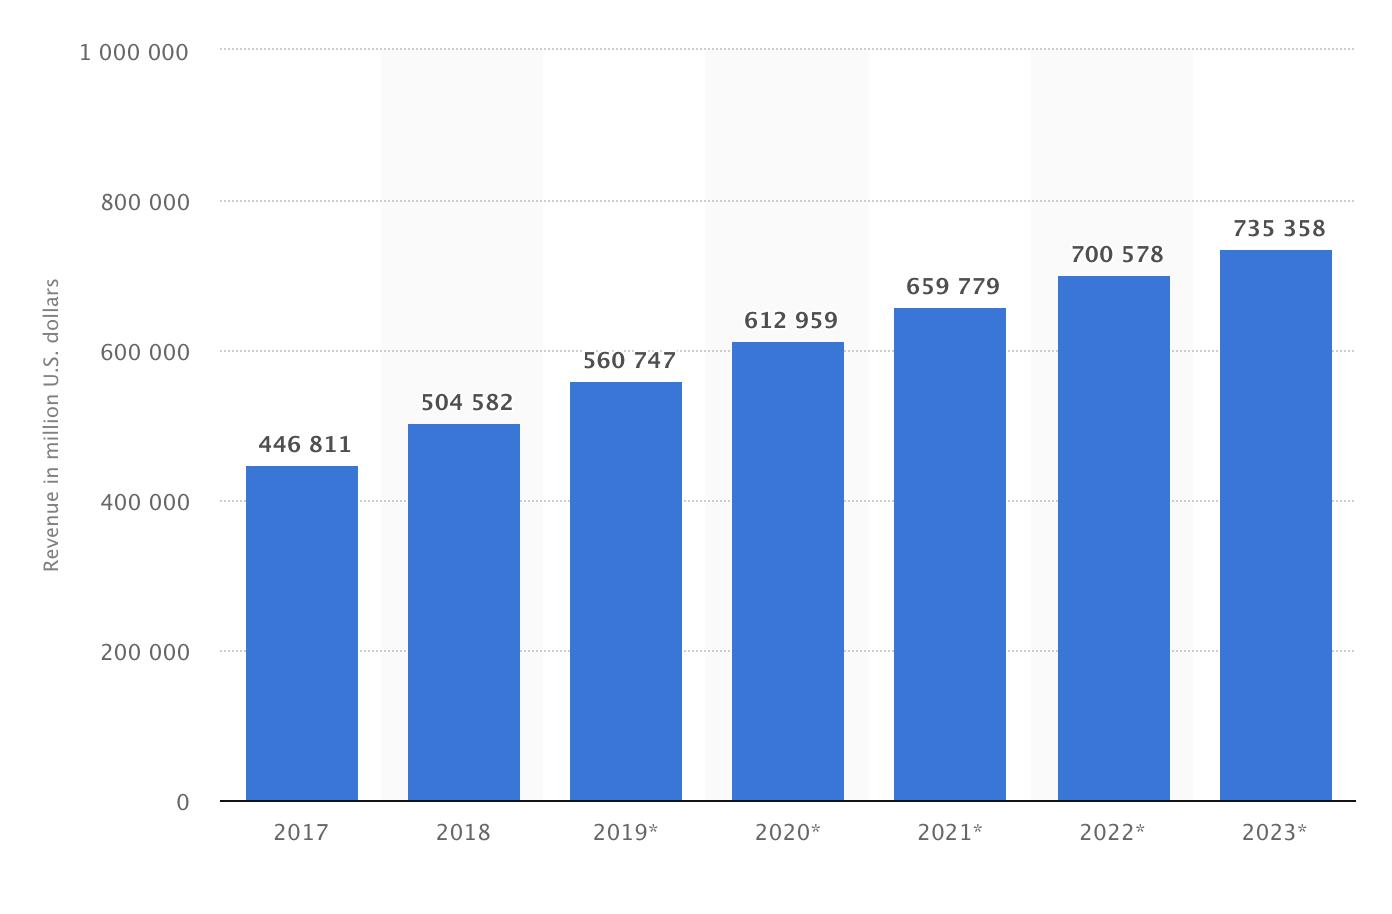 米国のEC市場の規模